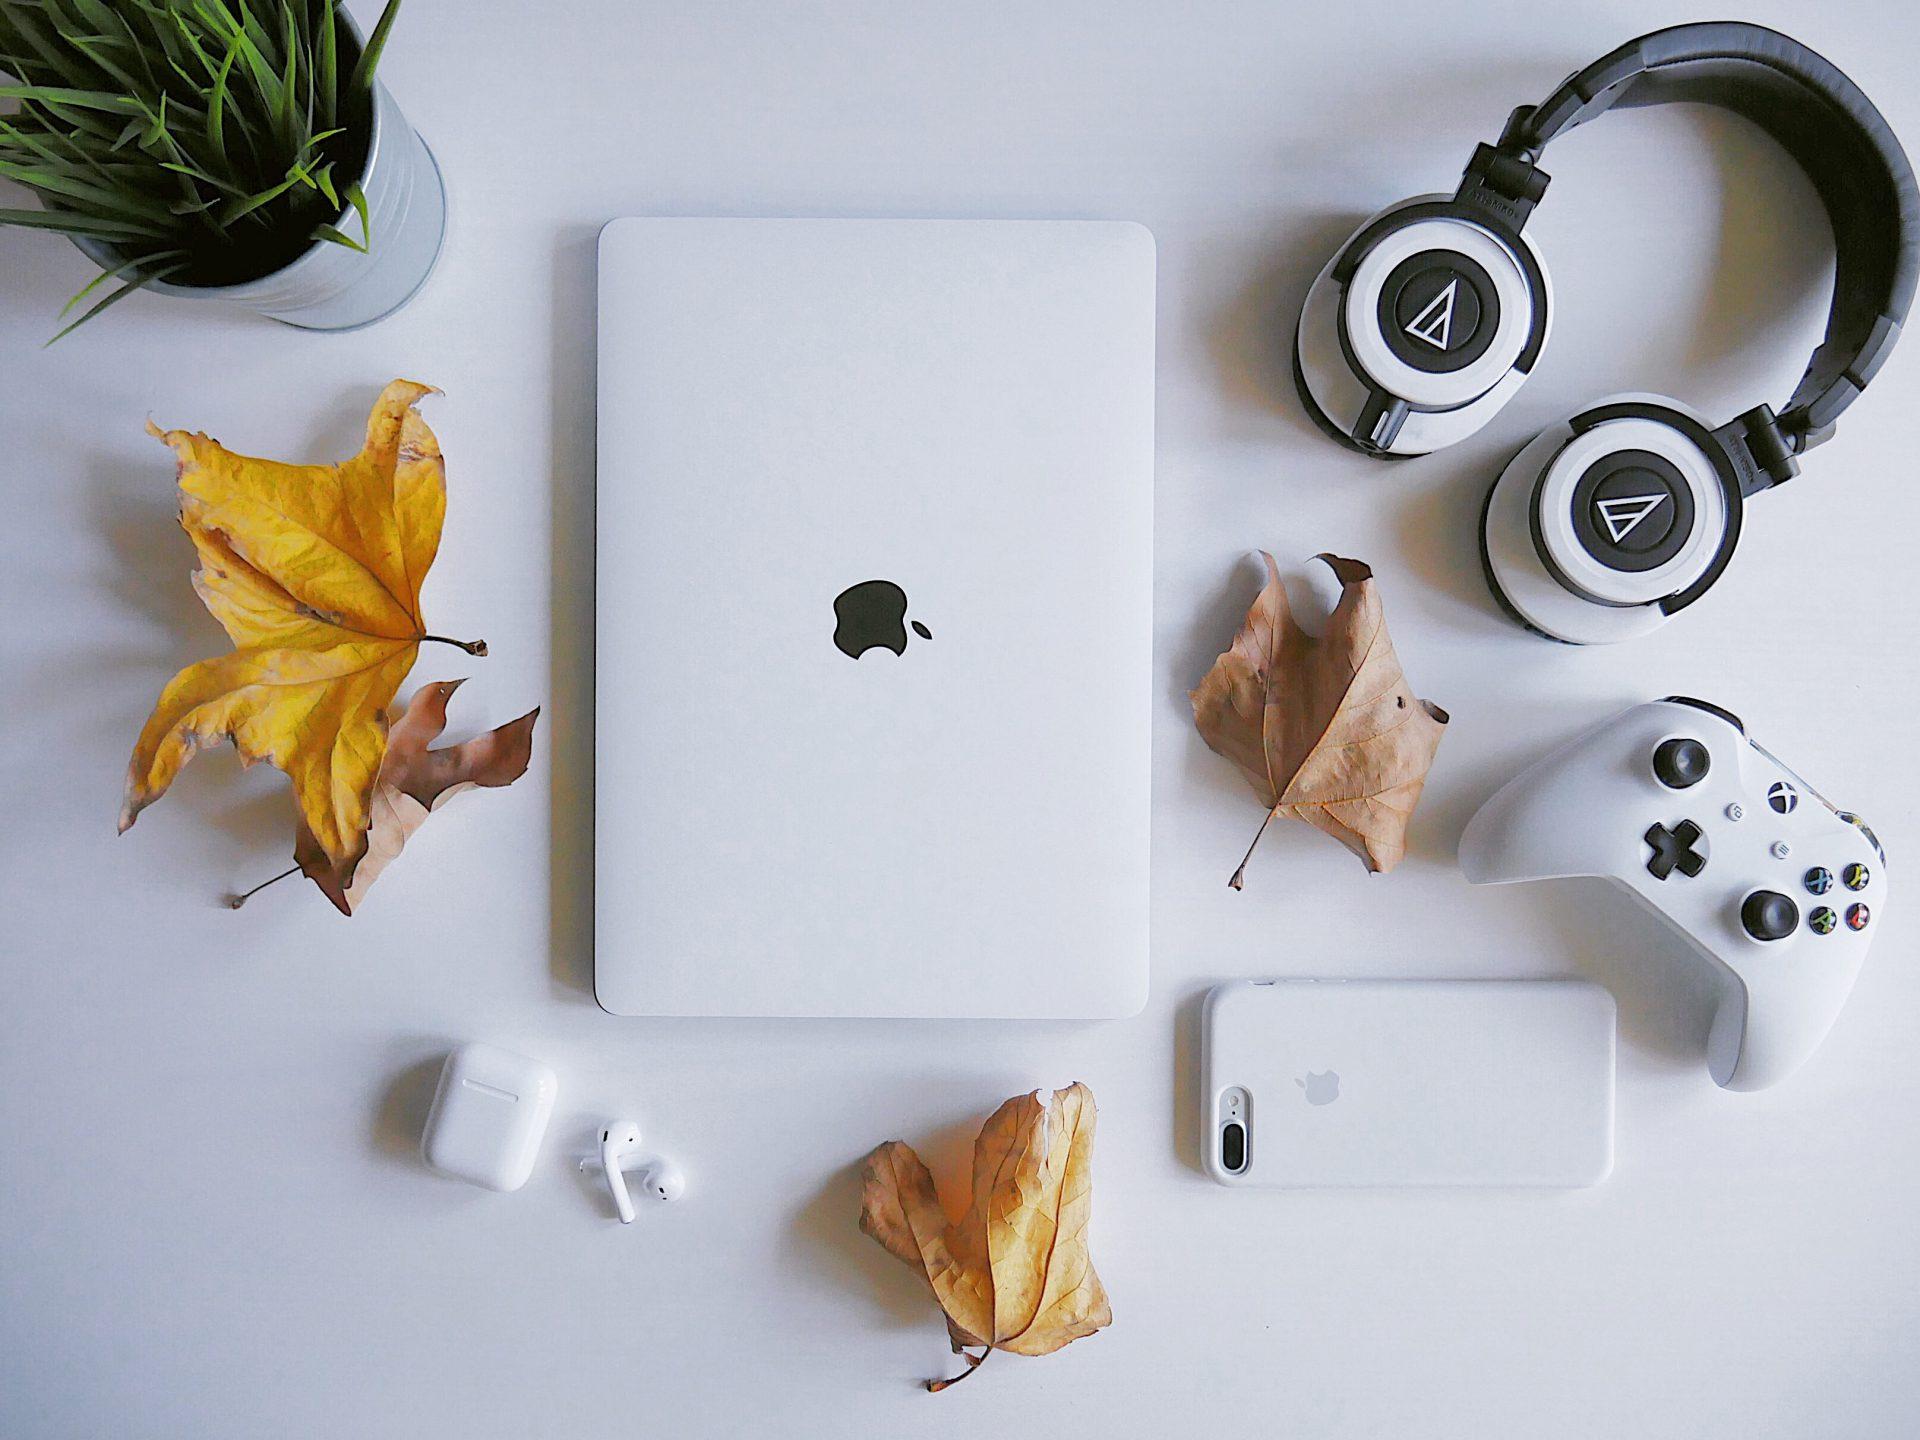 白いテーブルの上に並べられたヘッドフォンやパソコン、スマホの画像